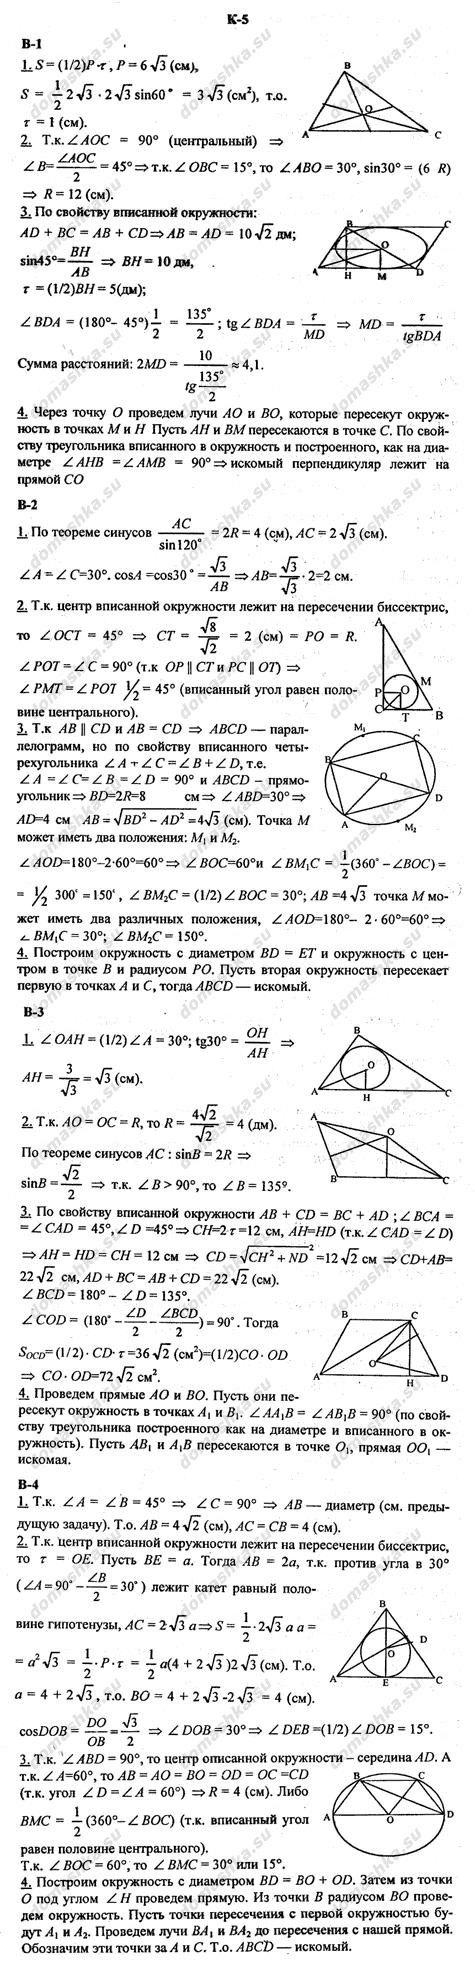 Гдз по геометрии по дидактическим материалам зив мейлер